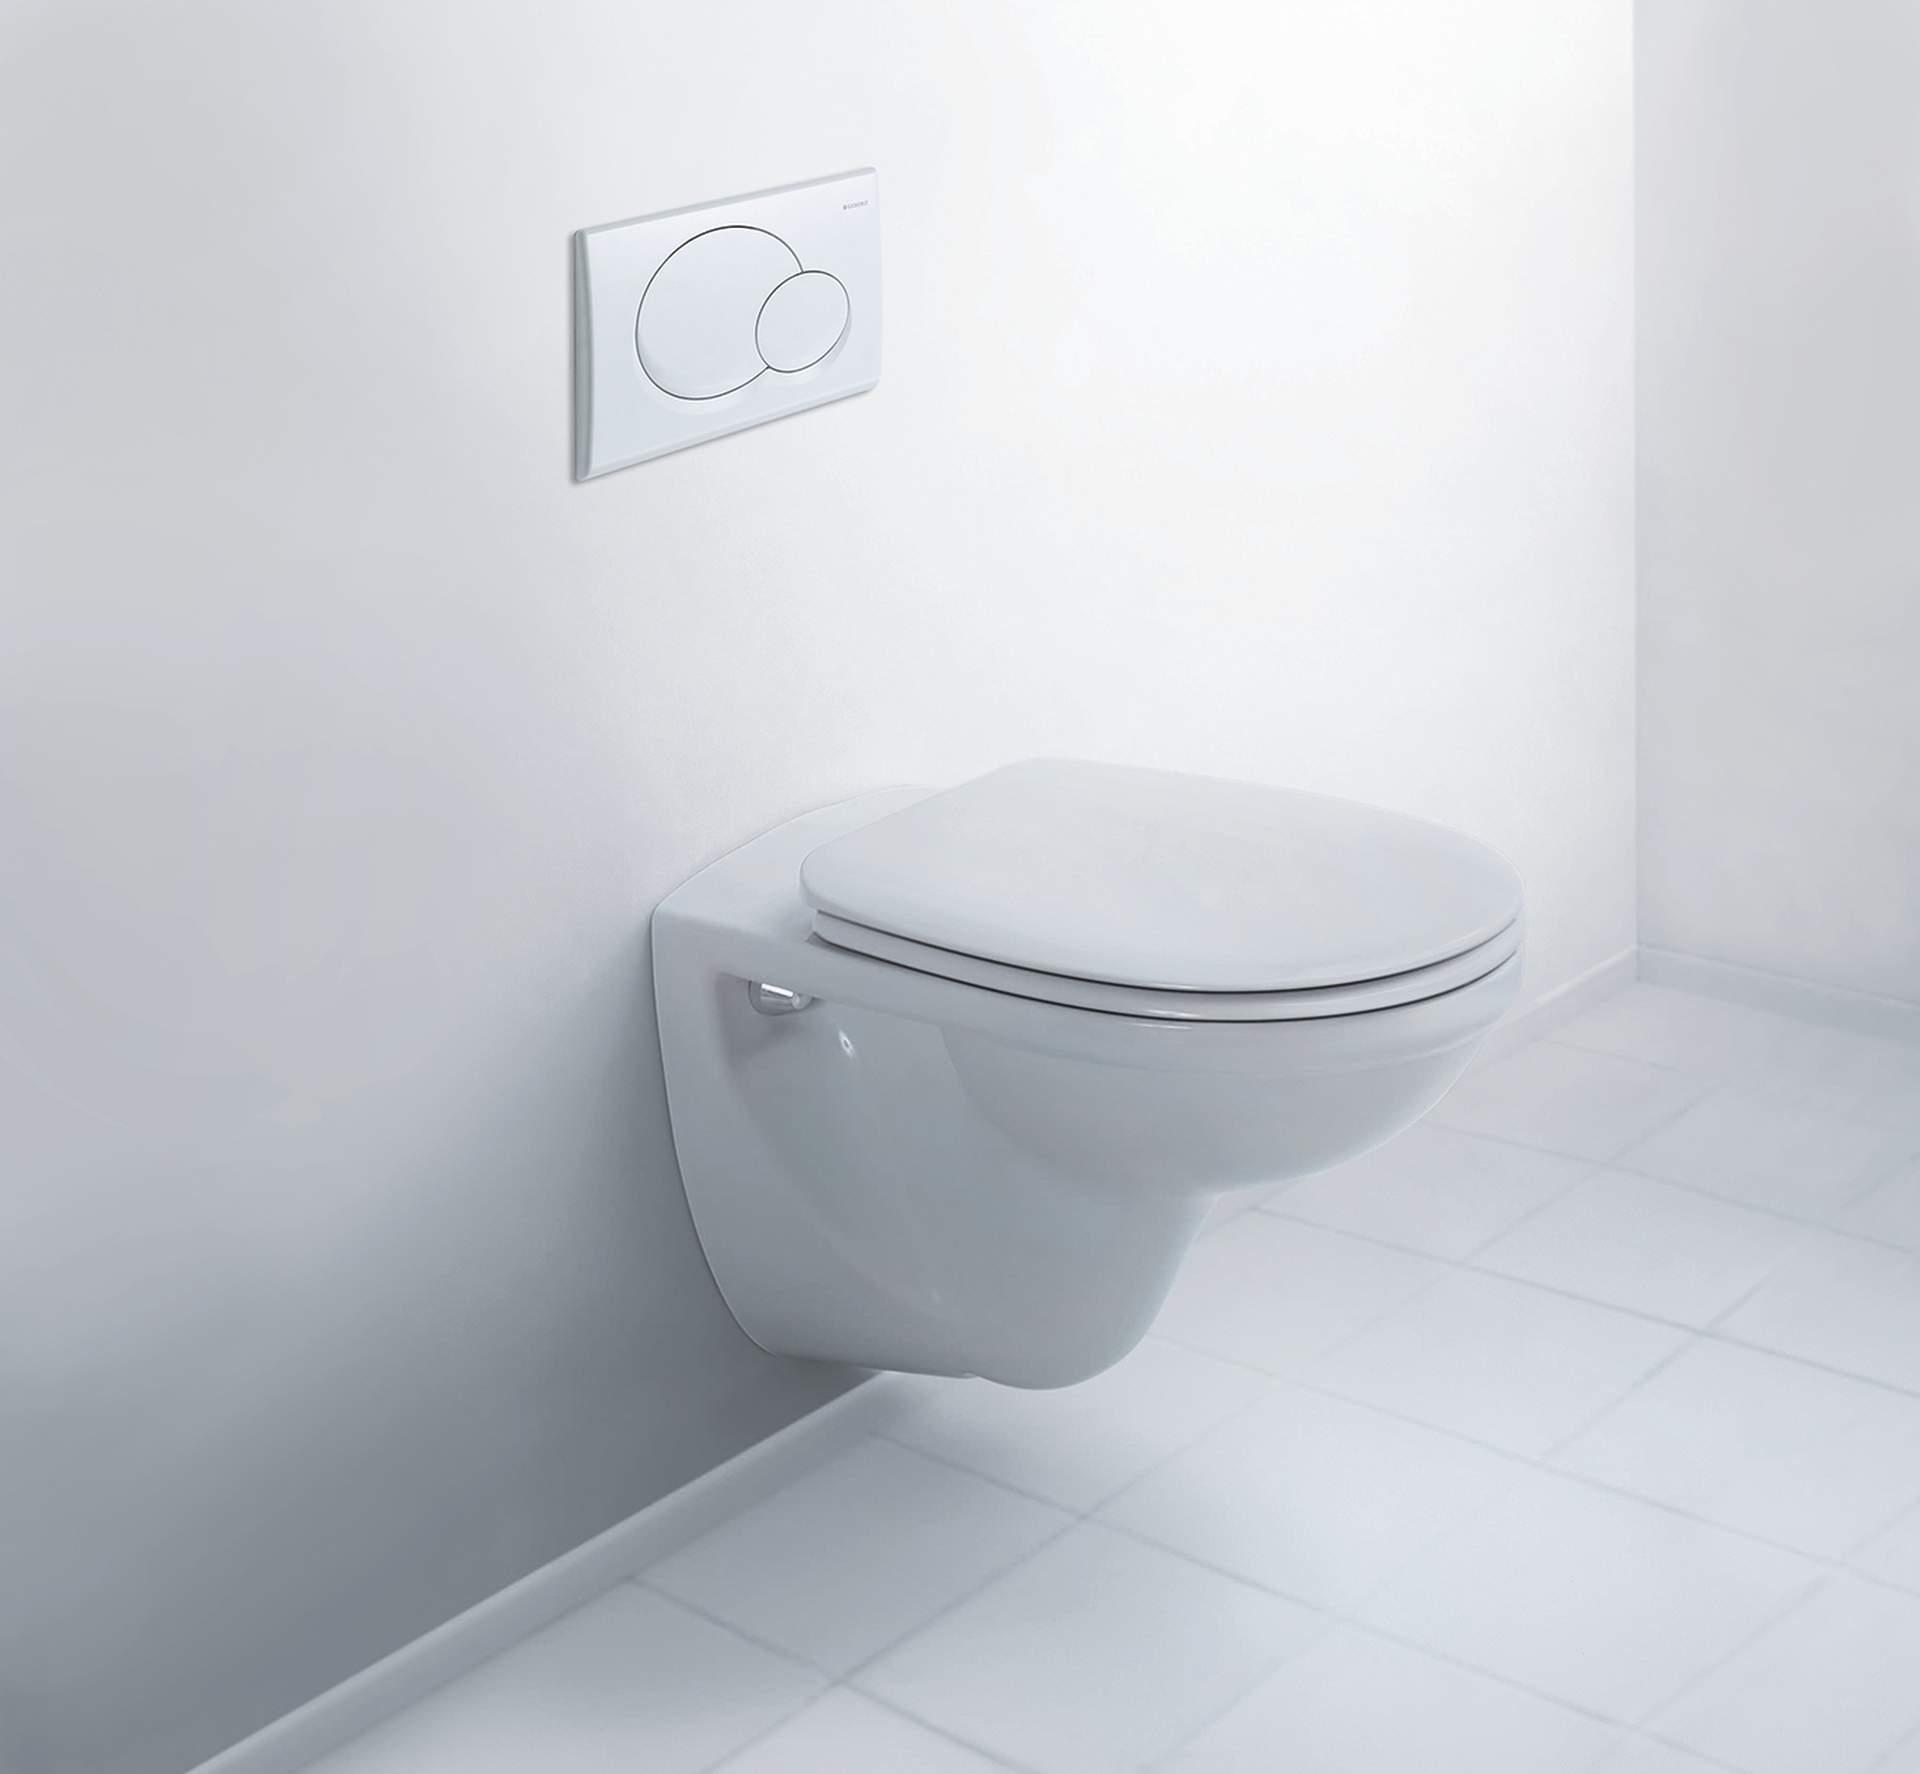 Cuvettes de wc toilettes pour une salle de bains moderne duravit - Nettoyer cuvette wc tres sale ...